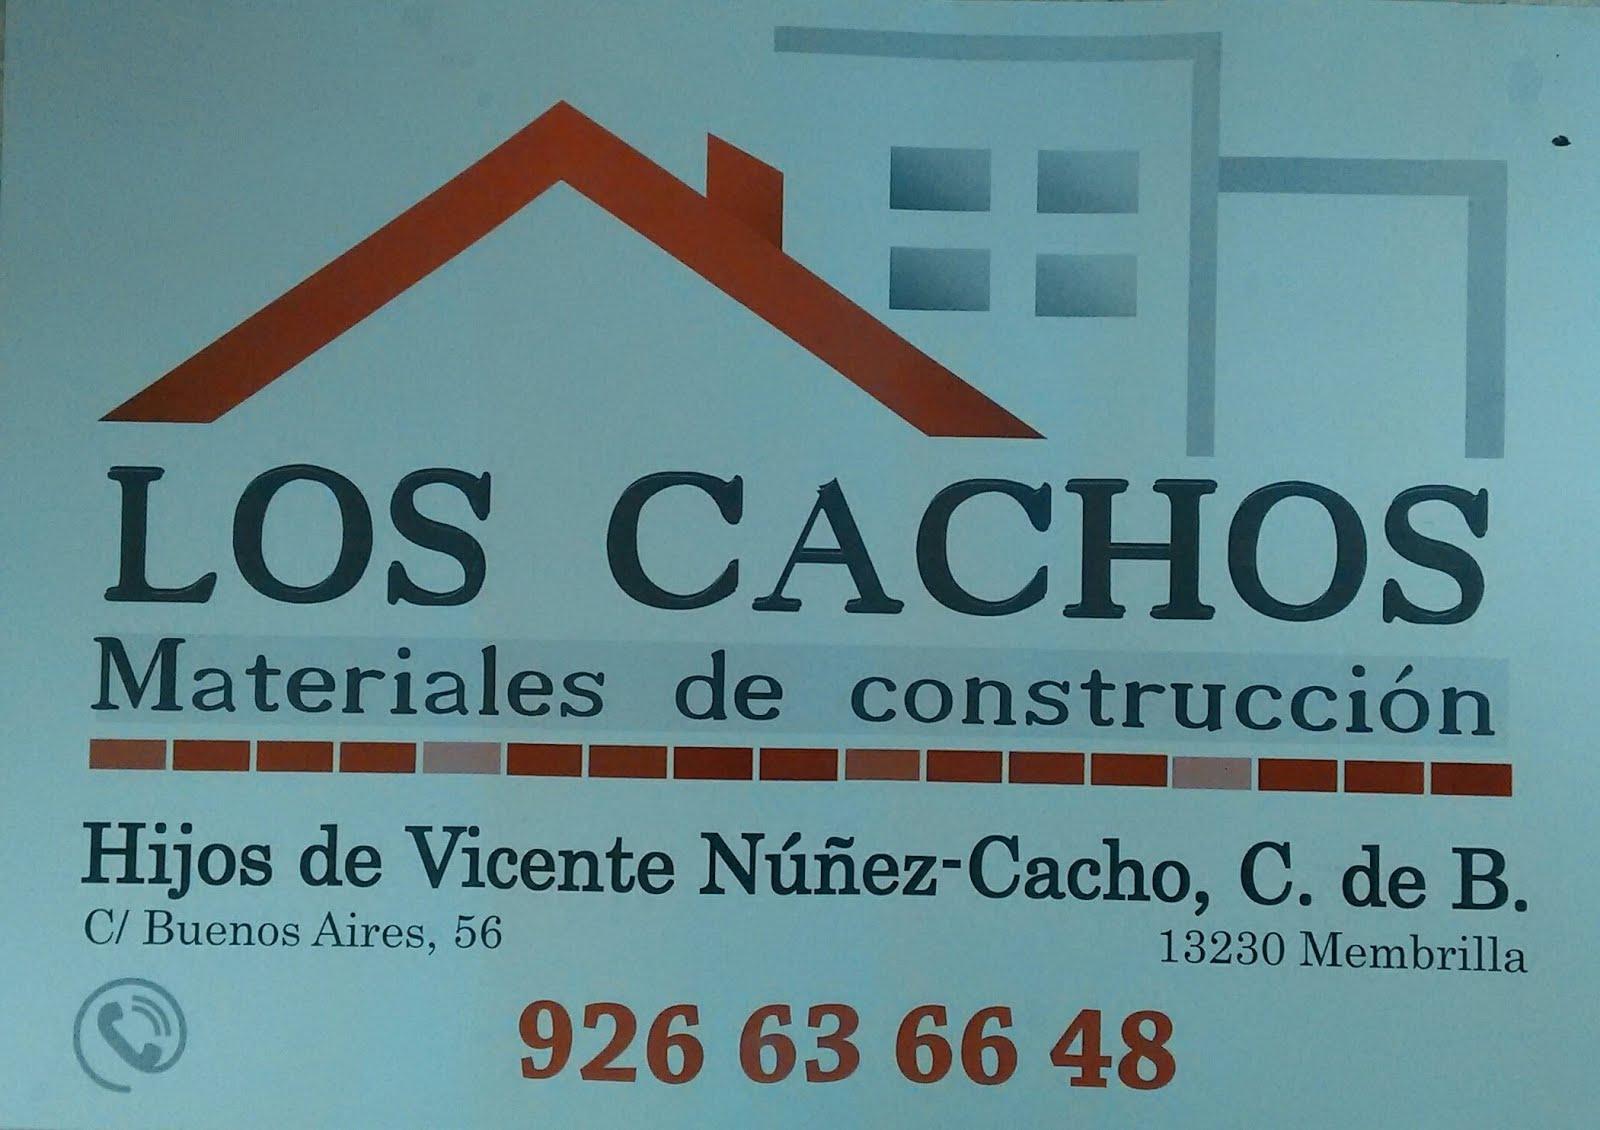 LOS CACHOS